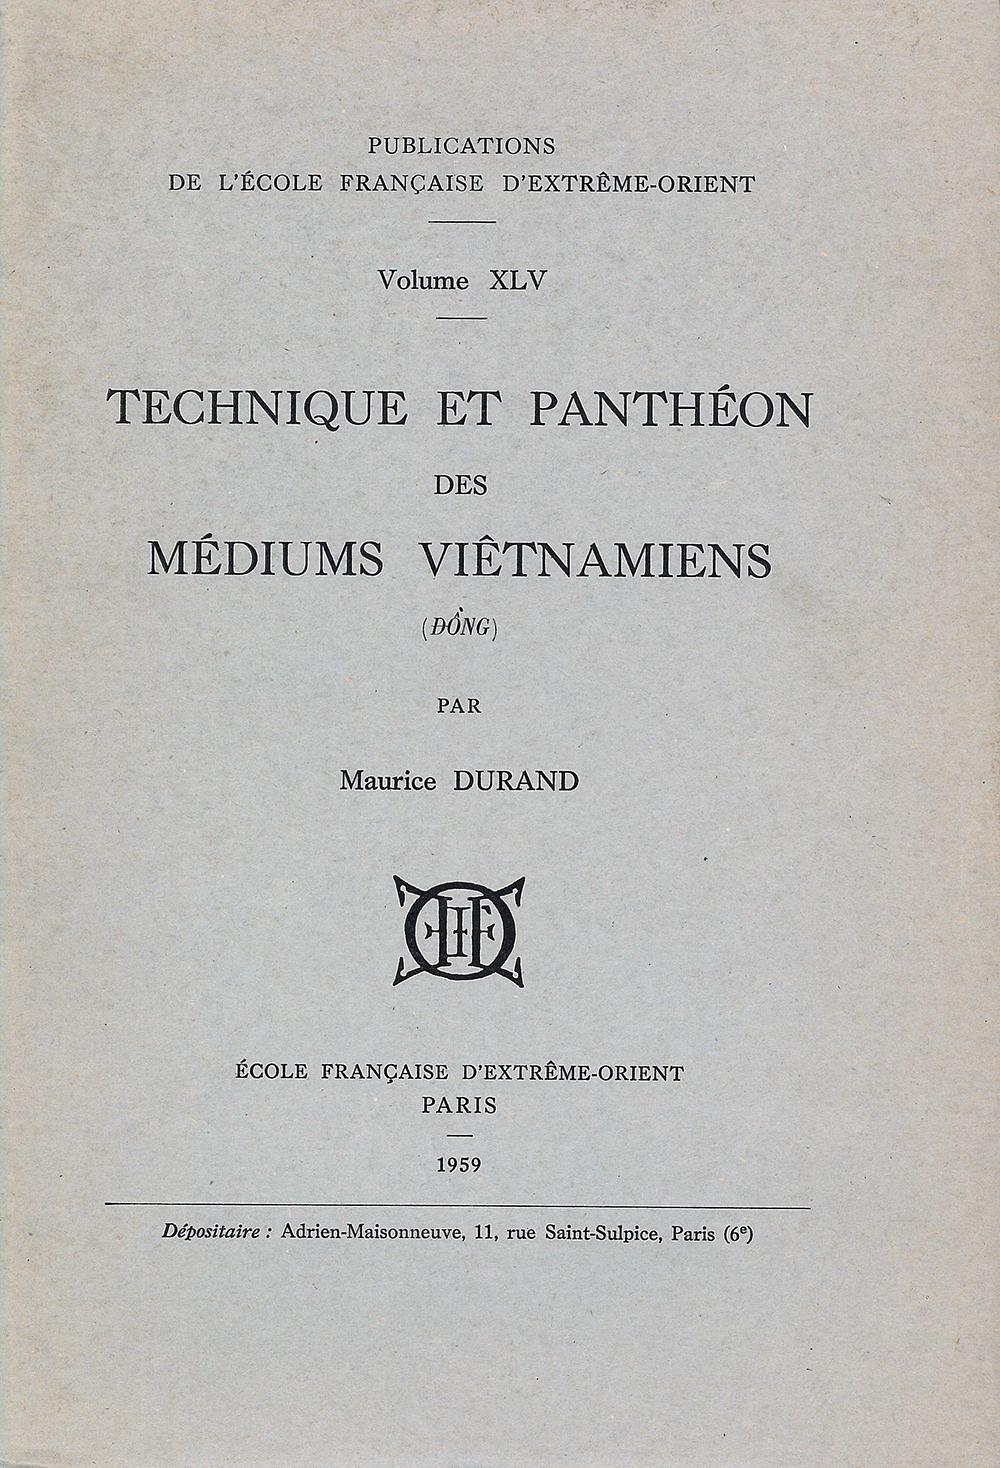 Technique et panthéon des médiums Viêtnamiens (Đông)